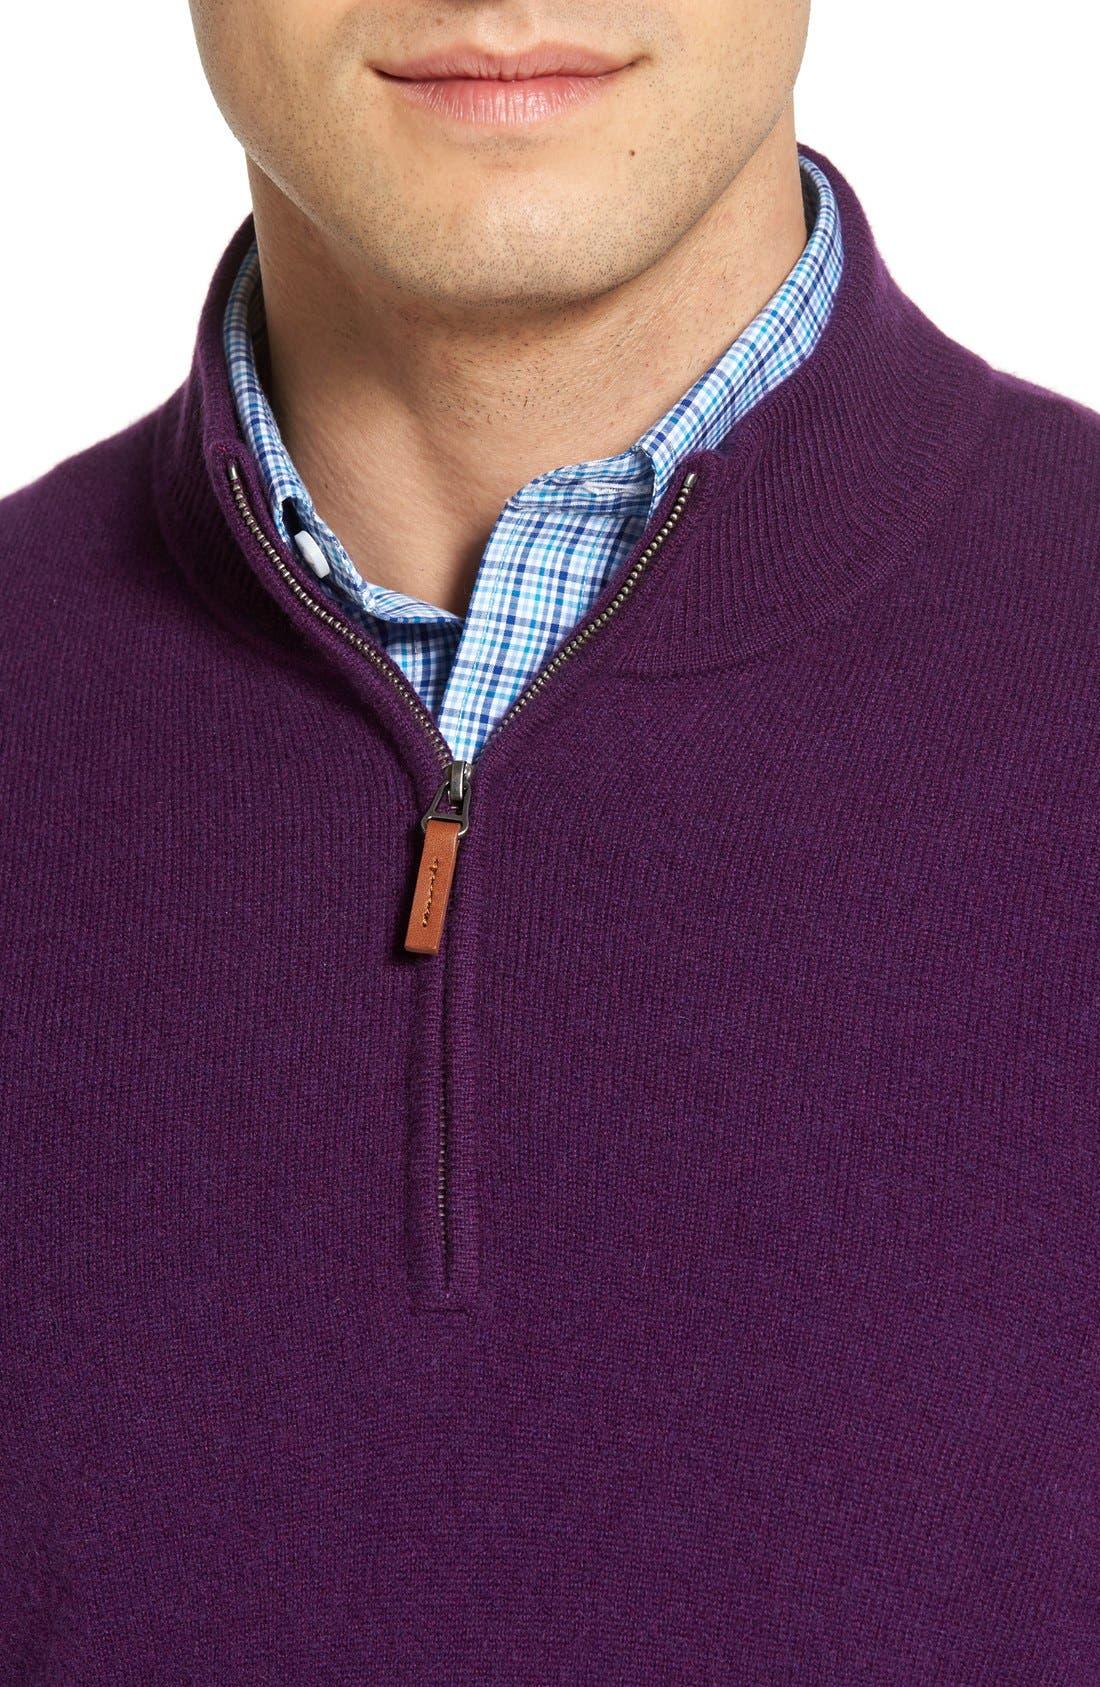 Cashmere Quarter Zip Sweater,                             Alternate thumbnail 50, color,